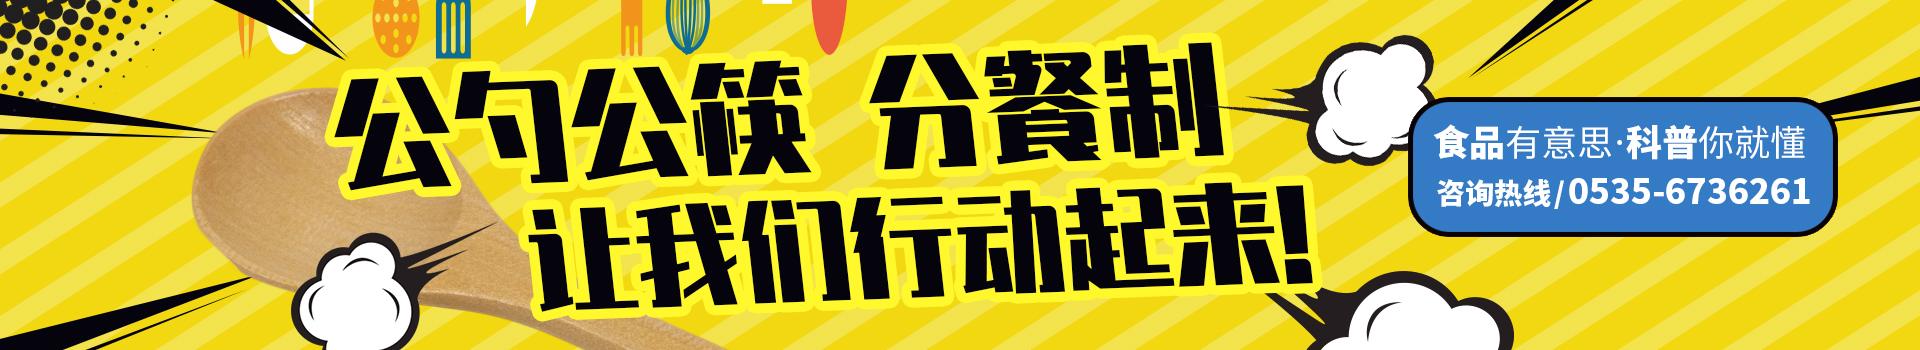 公勺公筷 分餐制  科普宣传素材